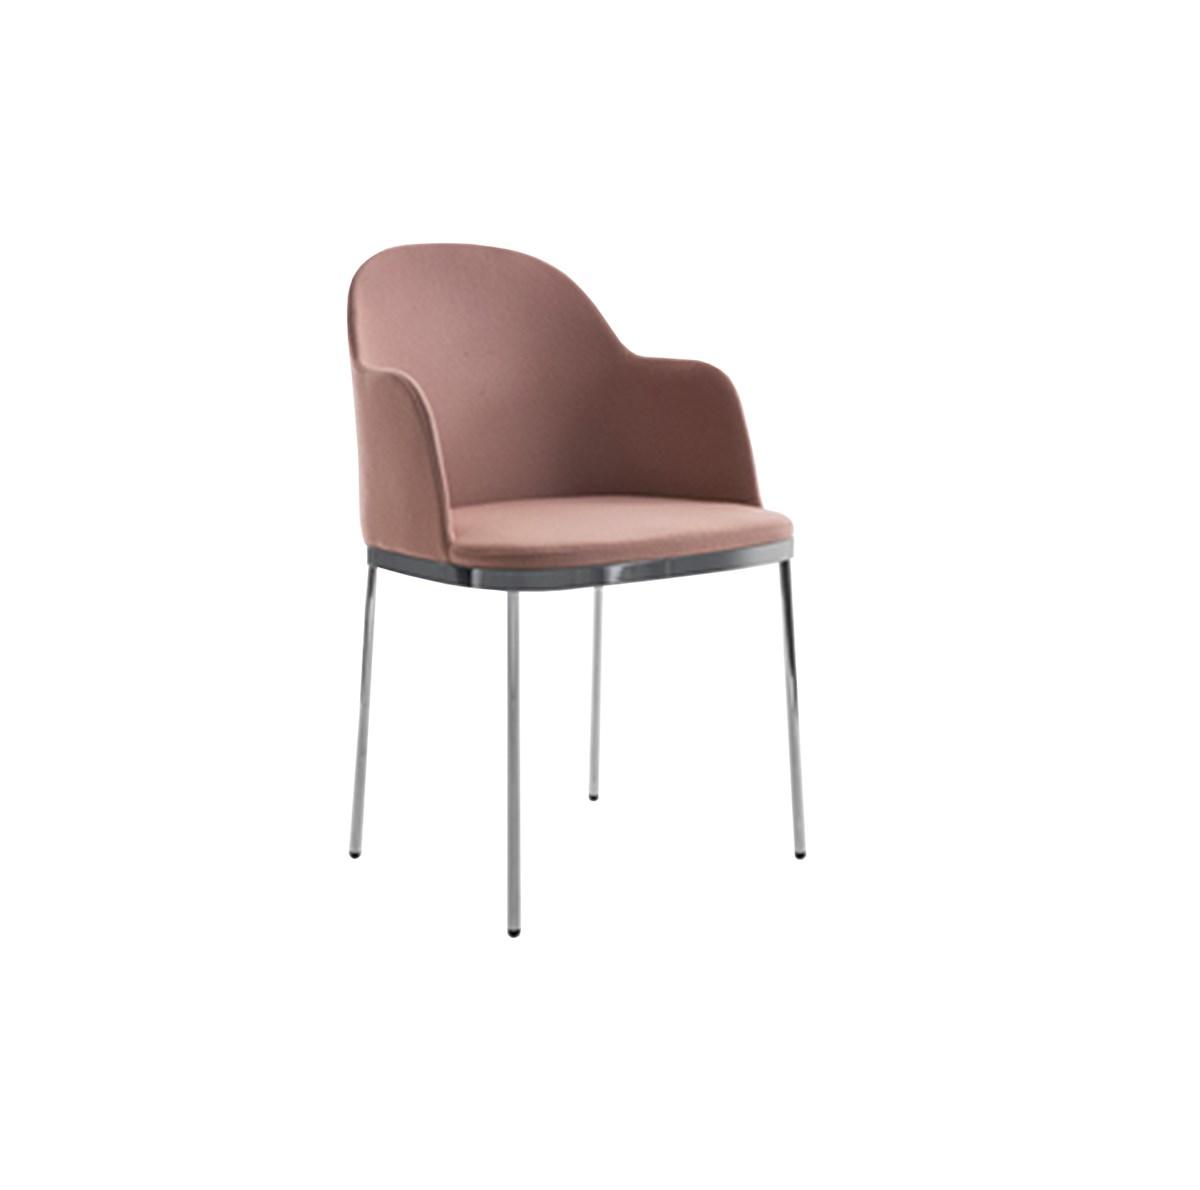 Moroso-Johannes-Torpe-Precious-Chair-Matisse-2